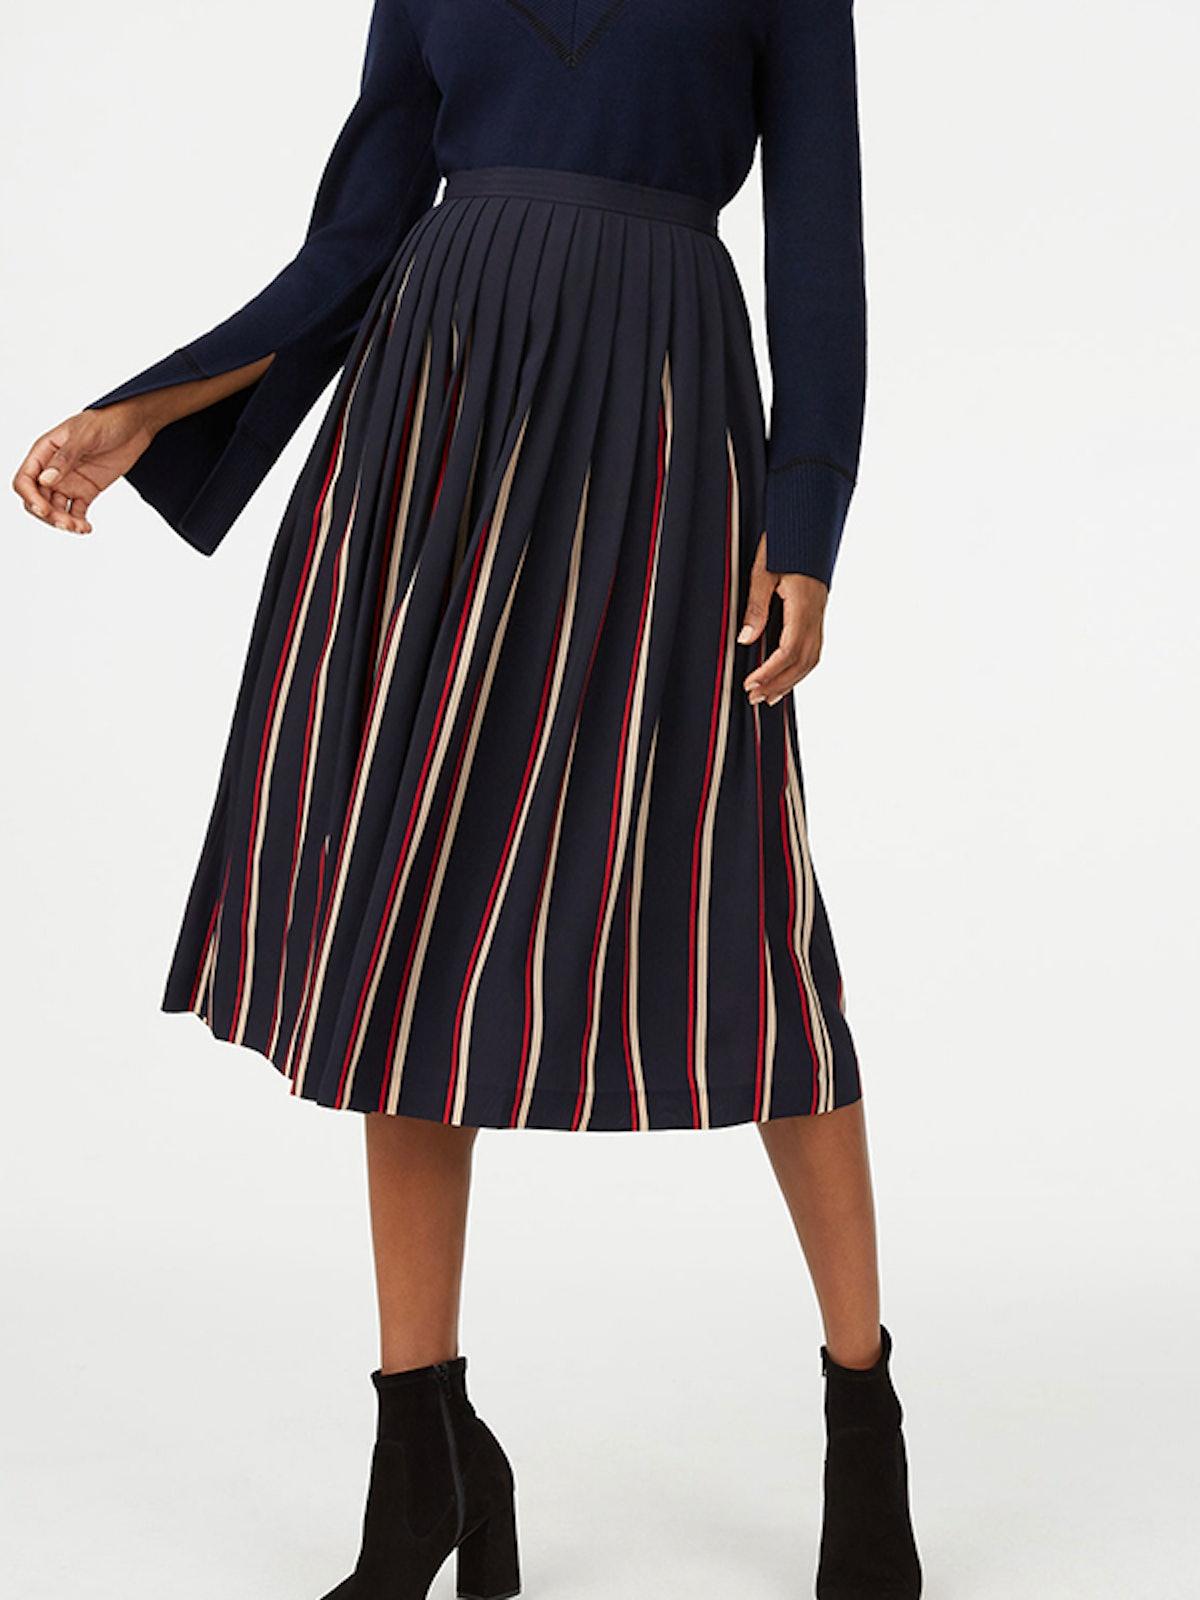 Aldoh Skirt